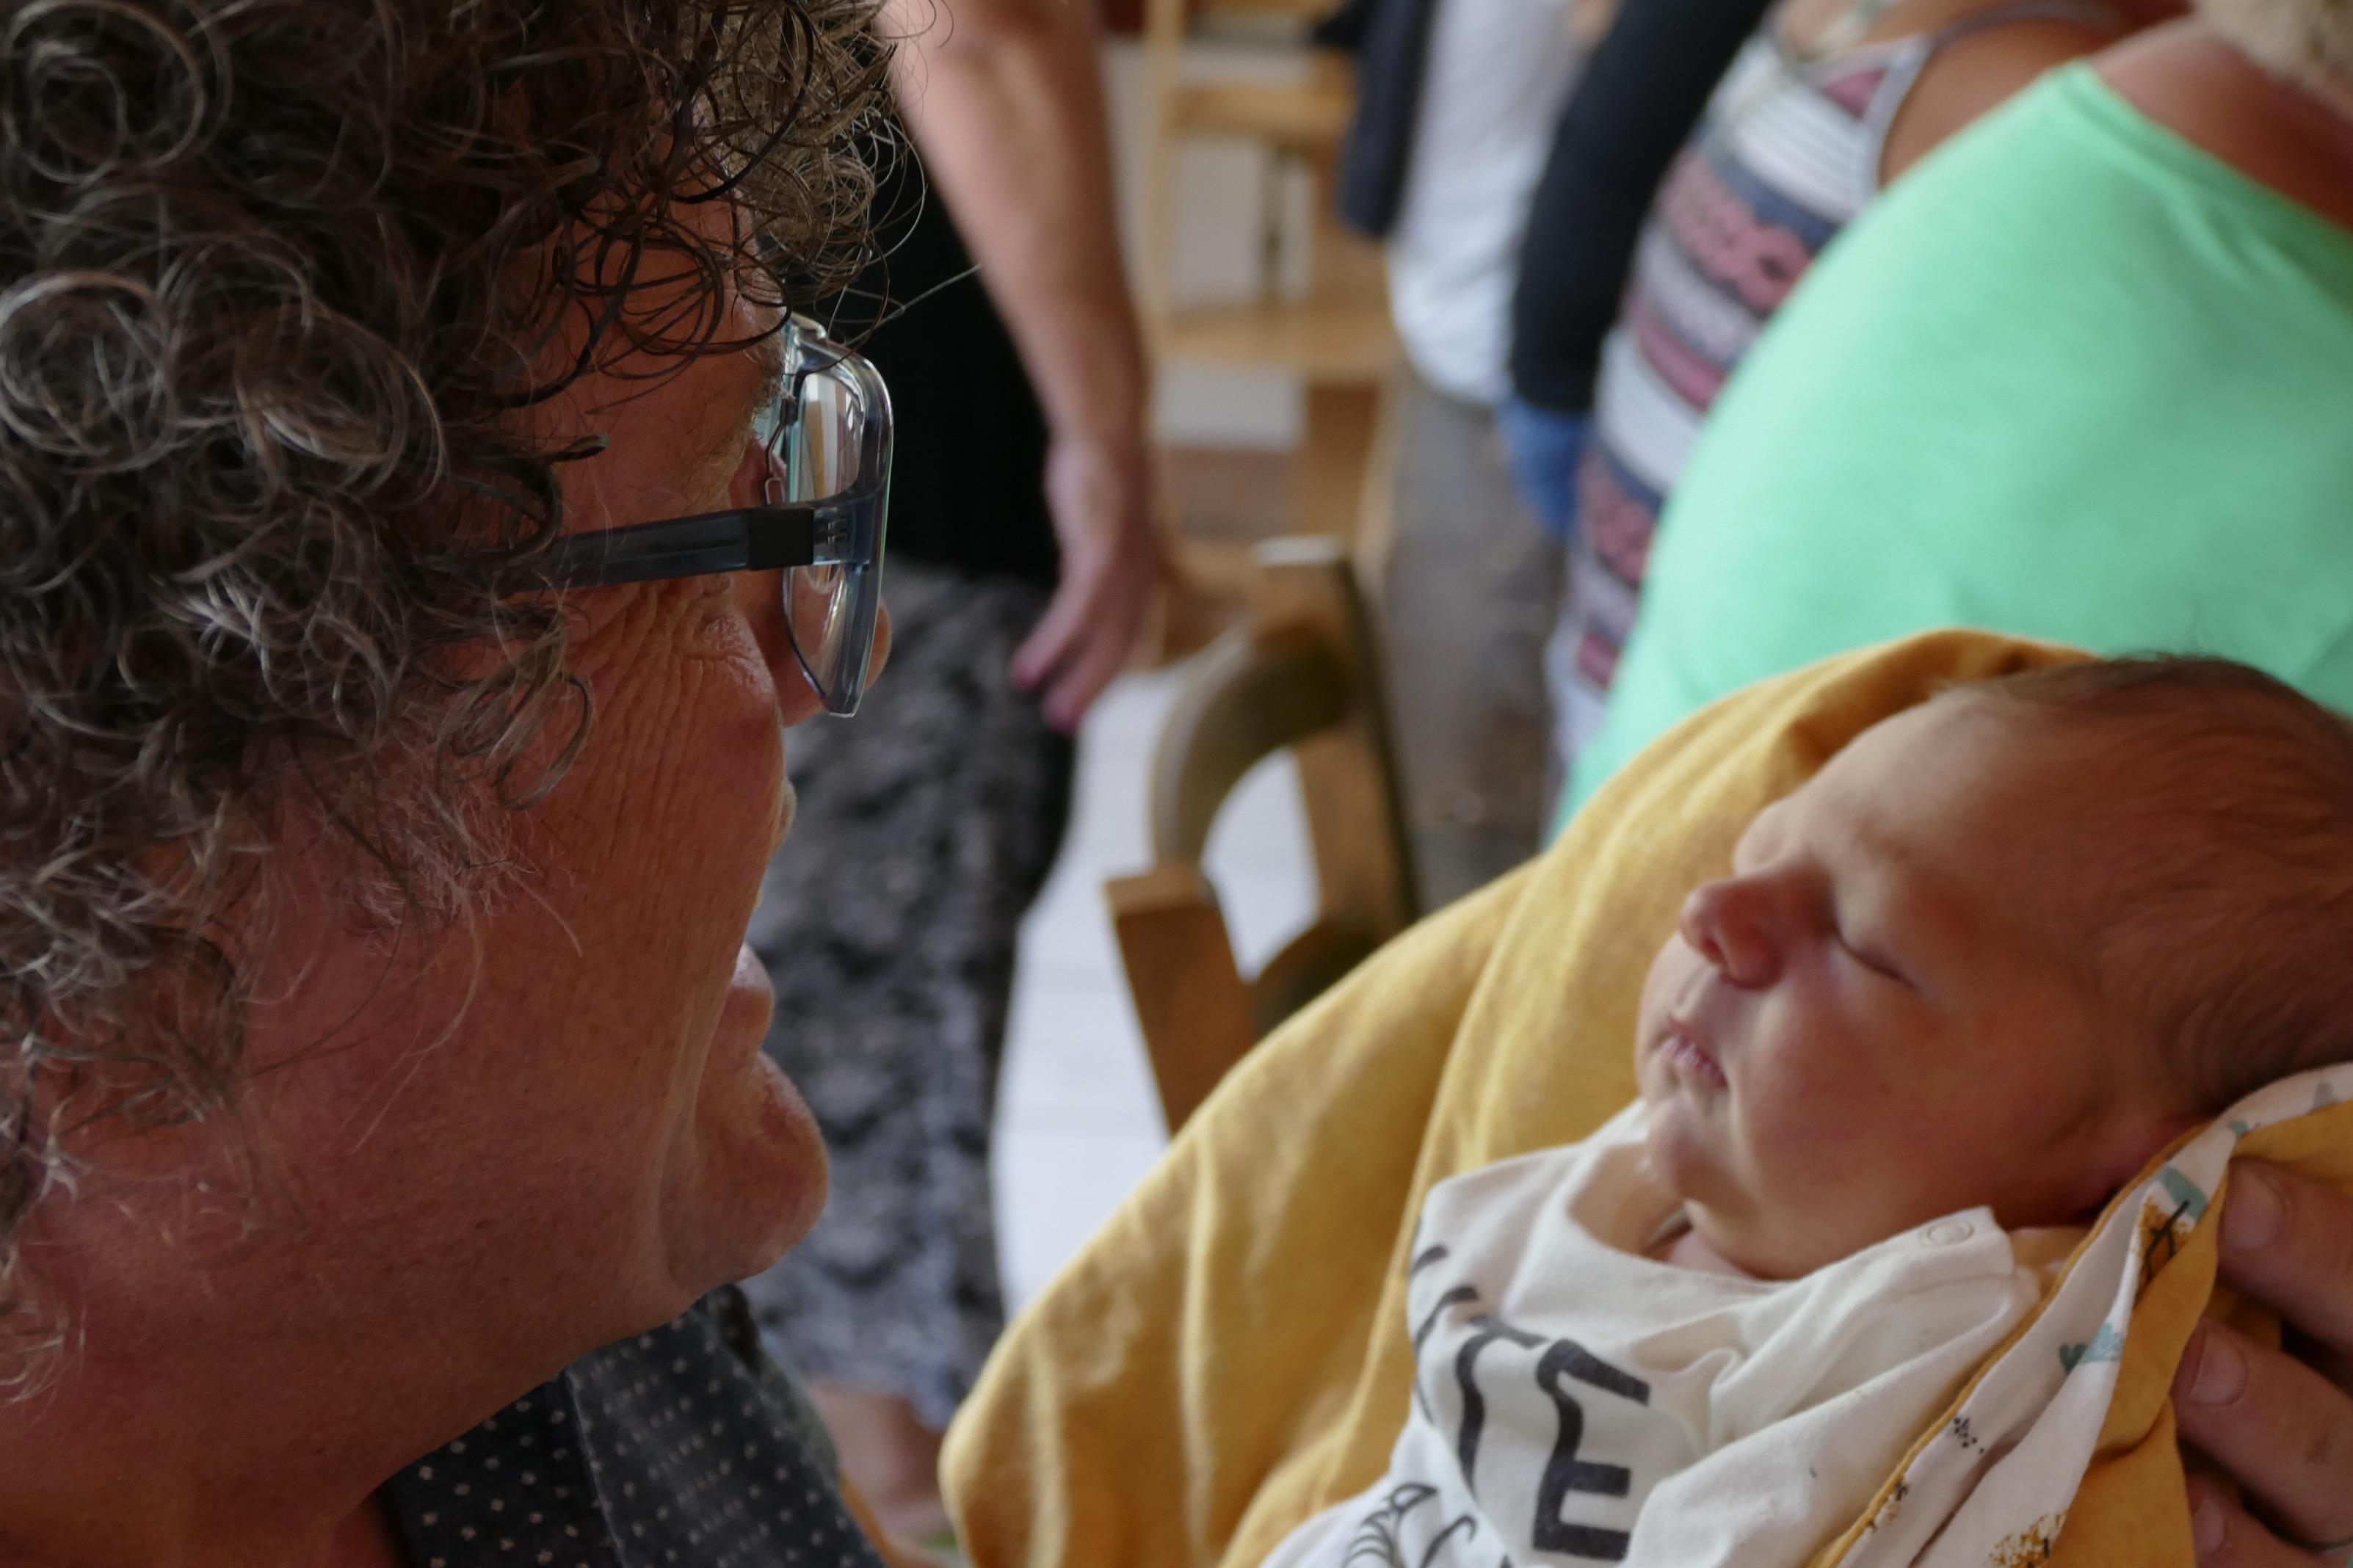 Luctimmermans mijnmoment foto met Ezra